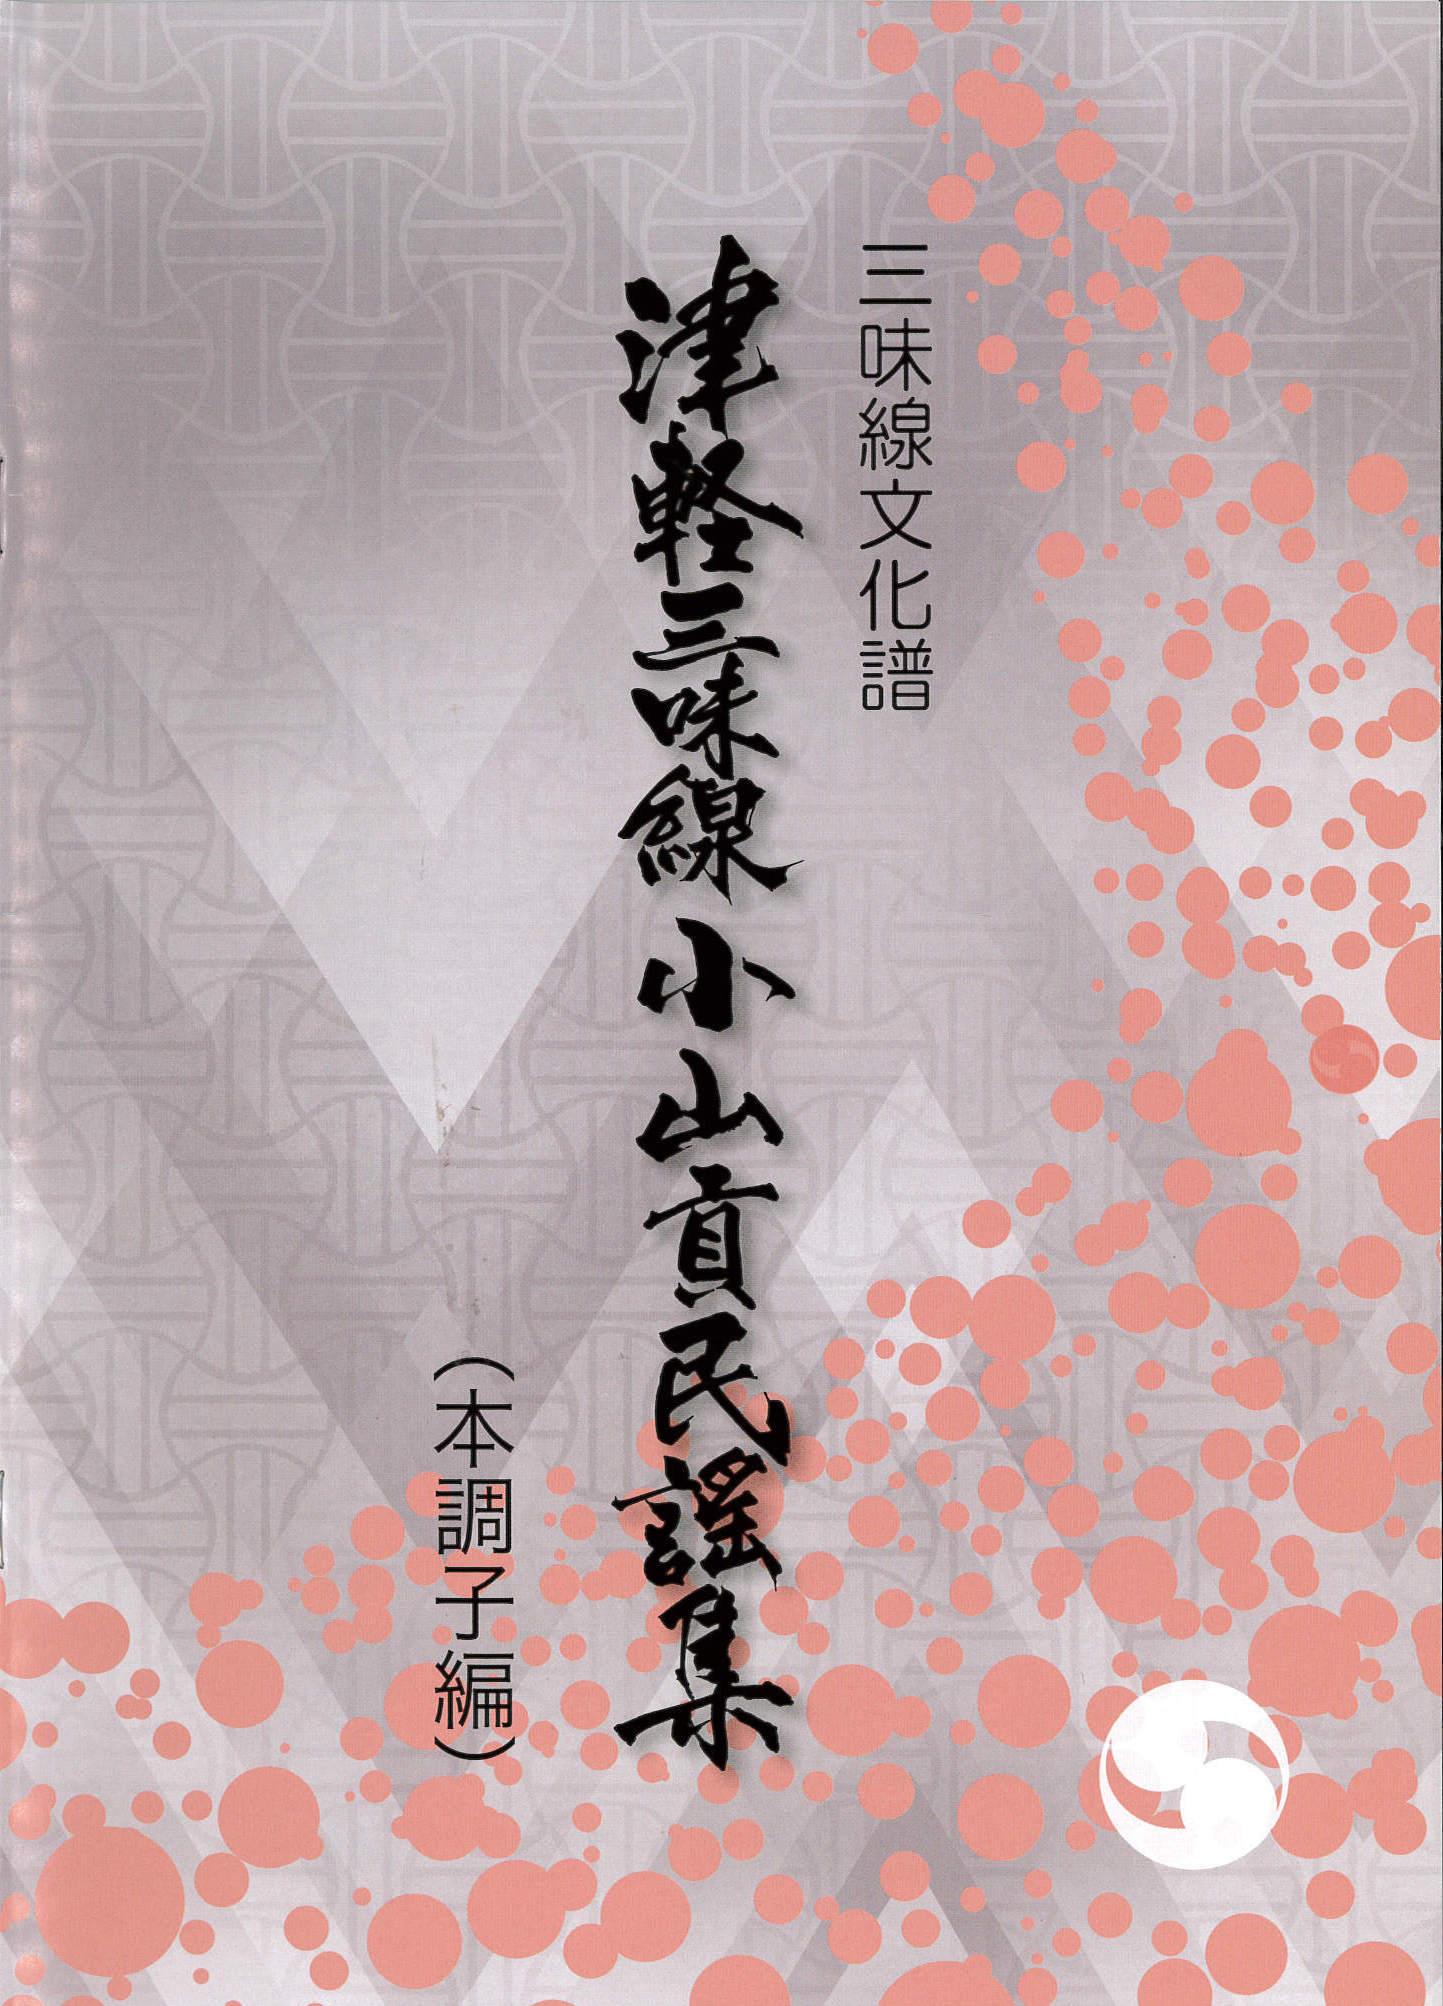 三味線文化譜 津軽三味線 小山貢民謡集 本調子編[5637]